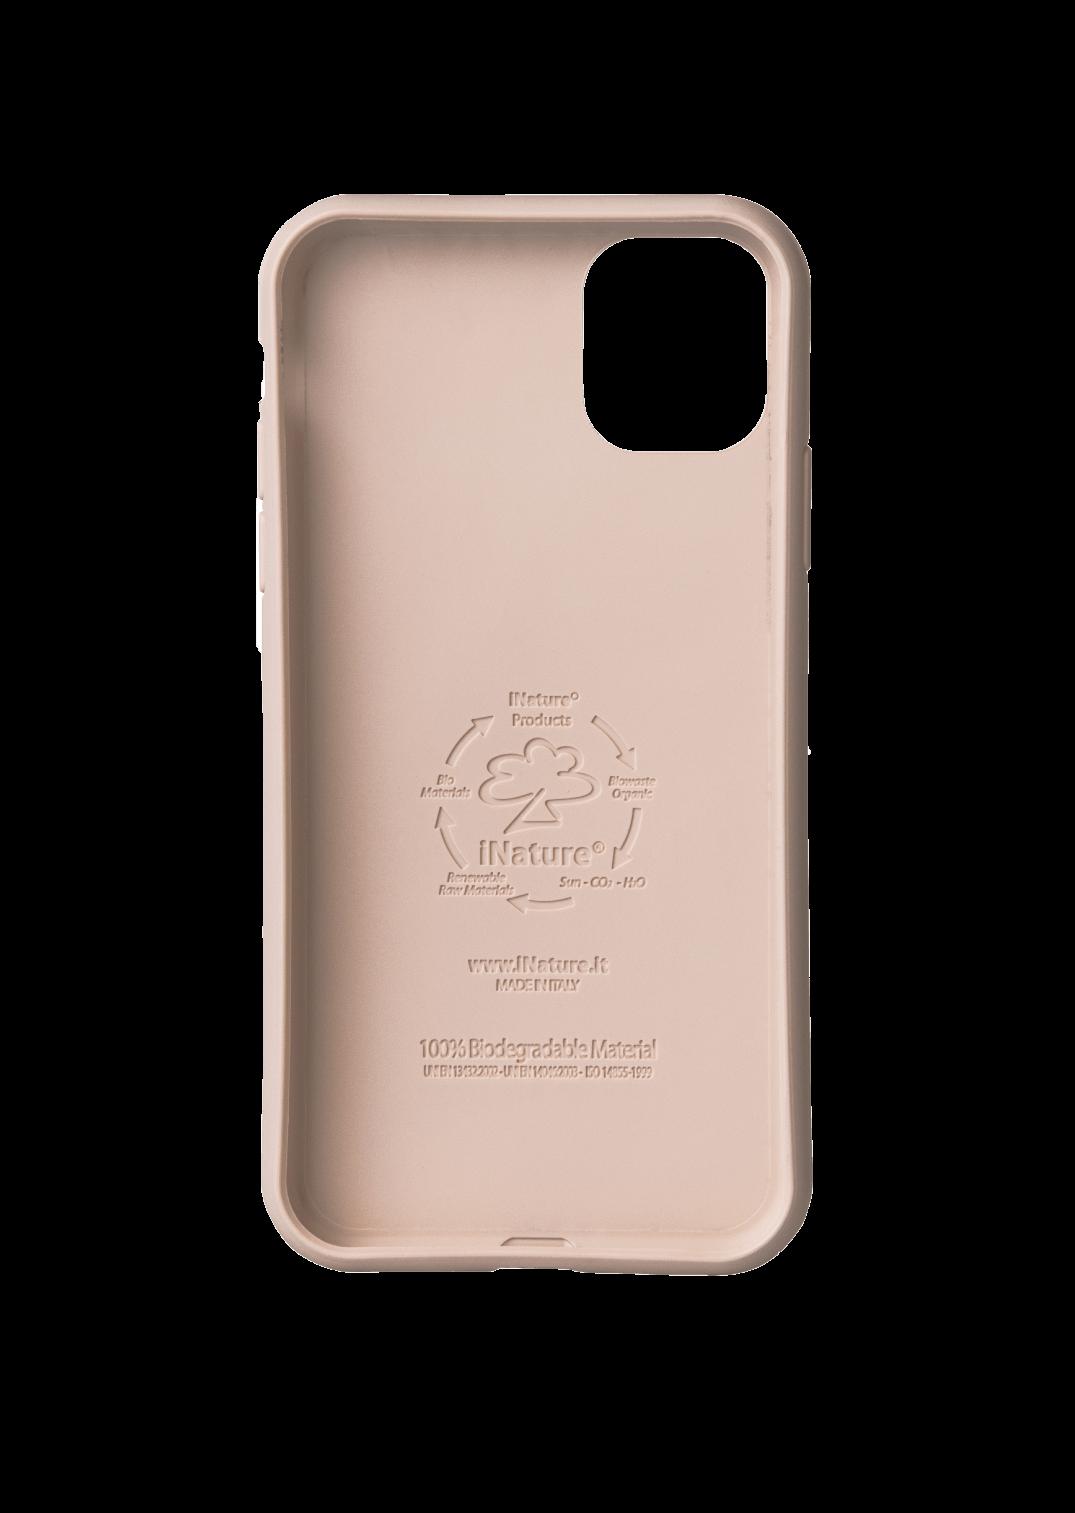 puro-inature-custodie-iphone-eco-friendly-stampaggio-5